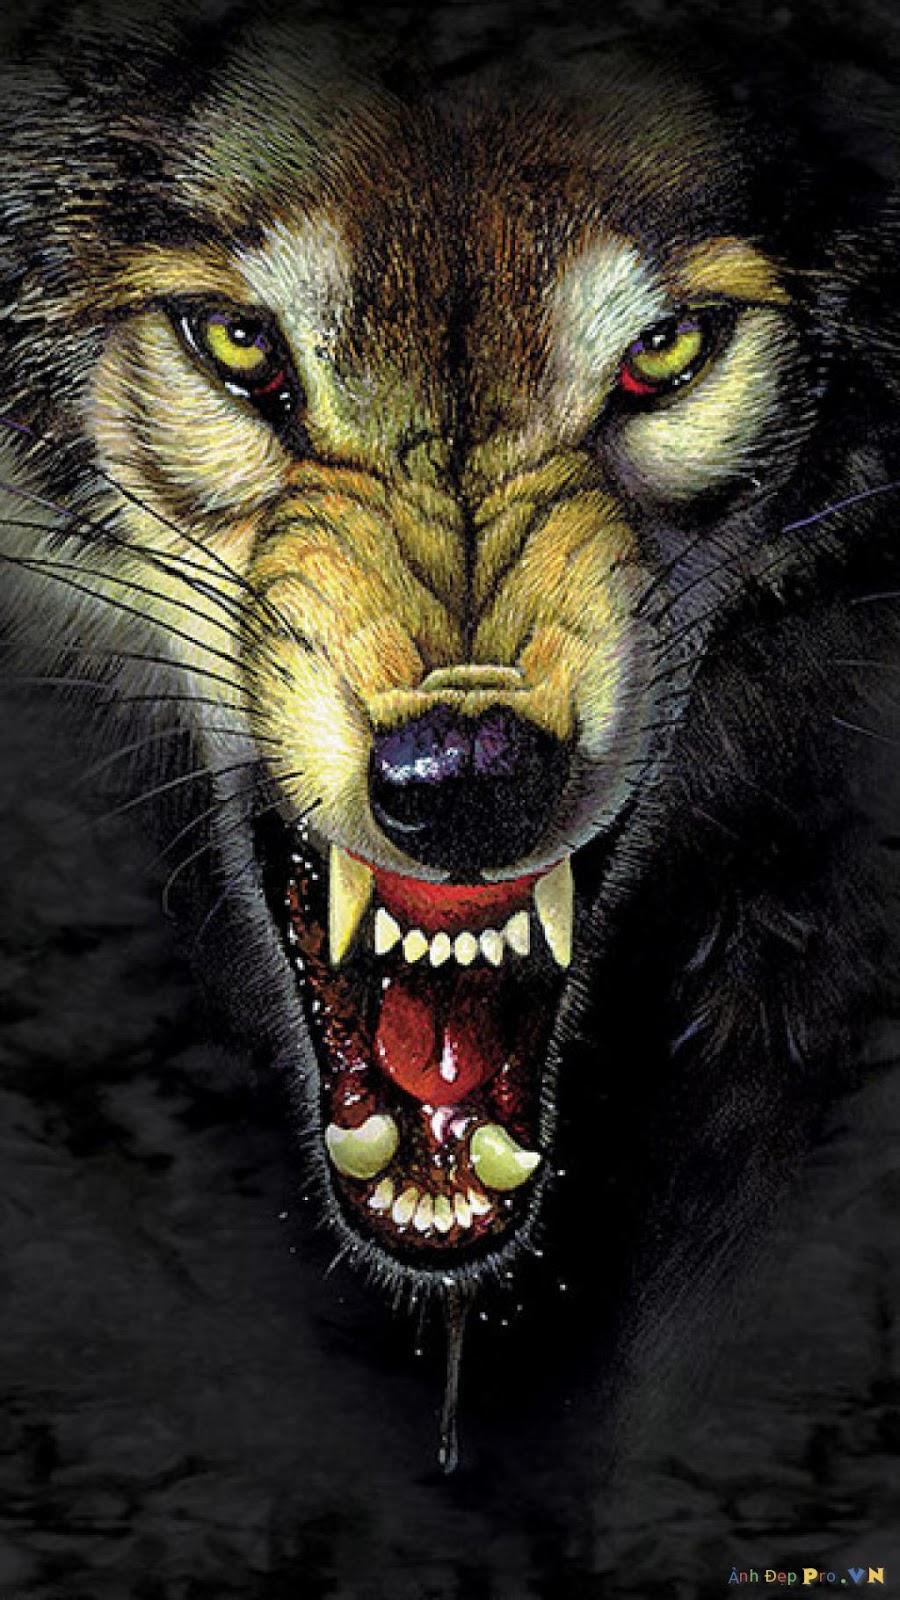 герпес злой волк картинки на телефон земля